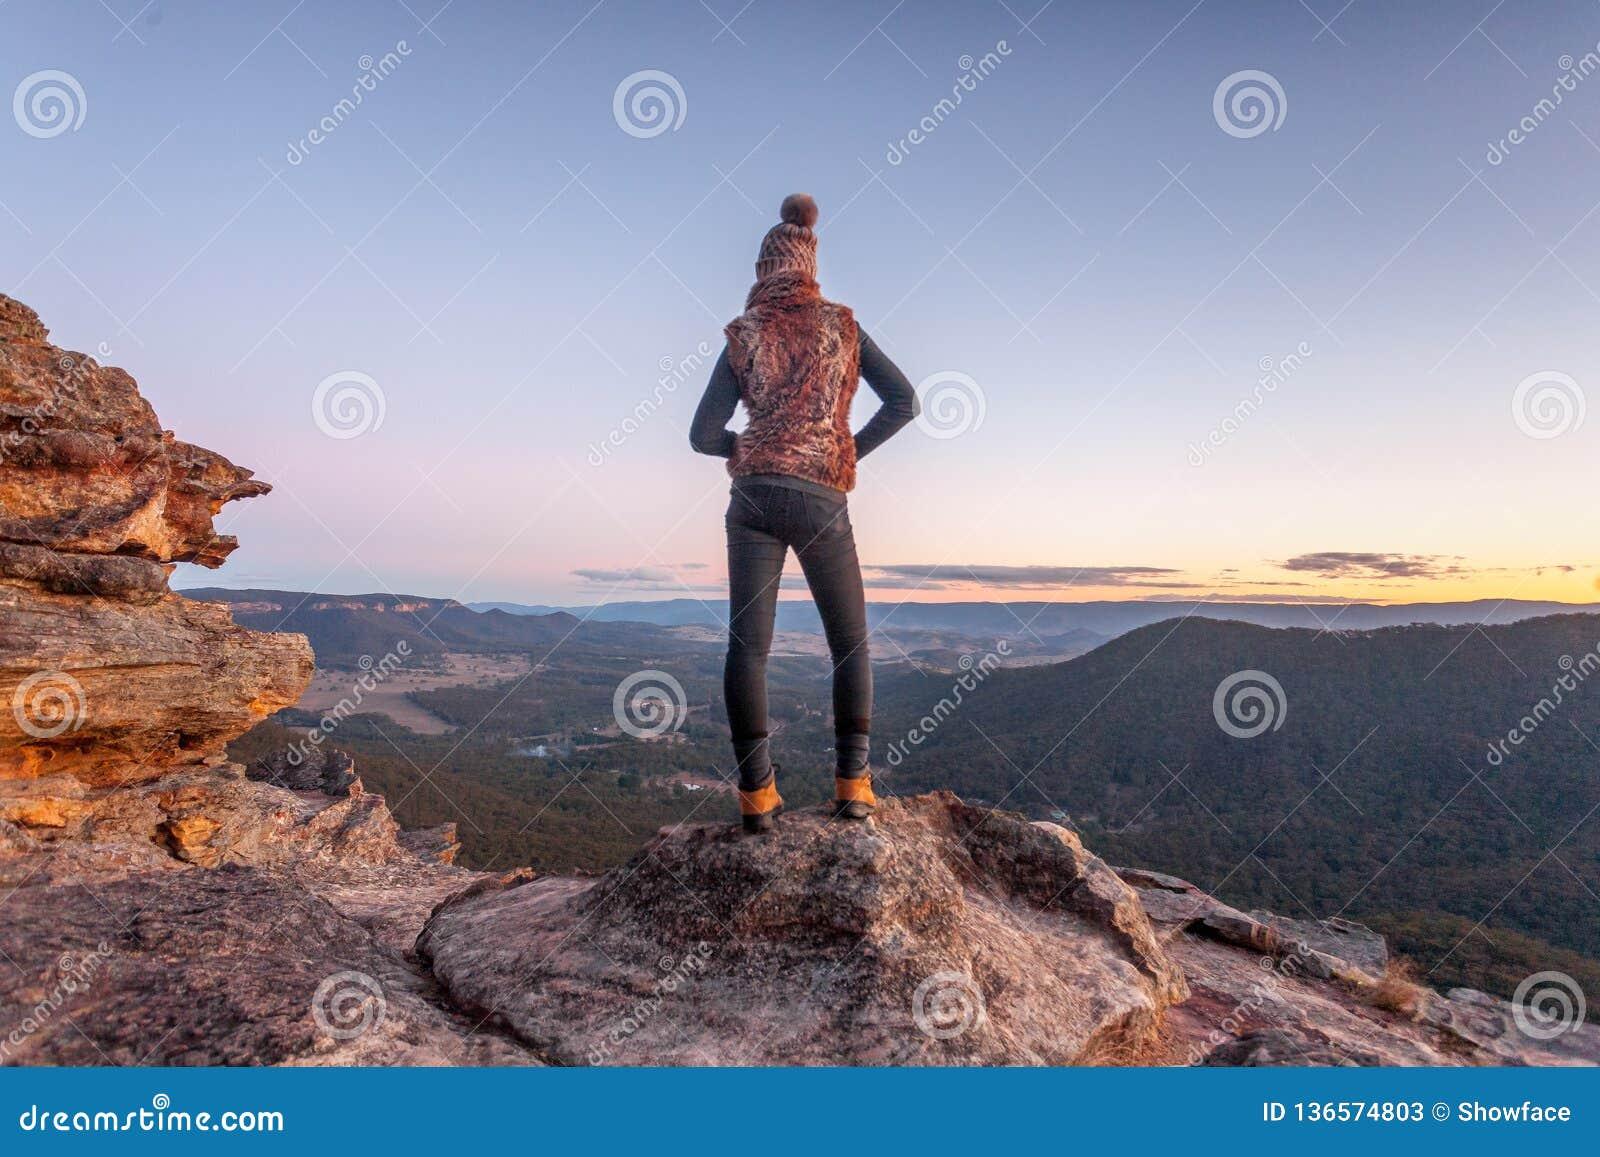 Bushwalker på toppmöte av berget med dalsikter